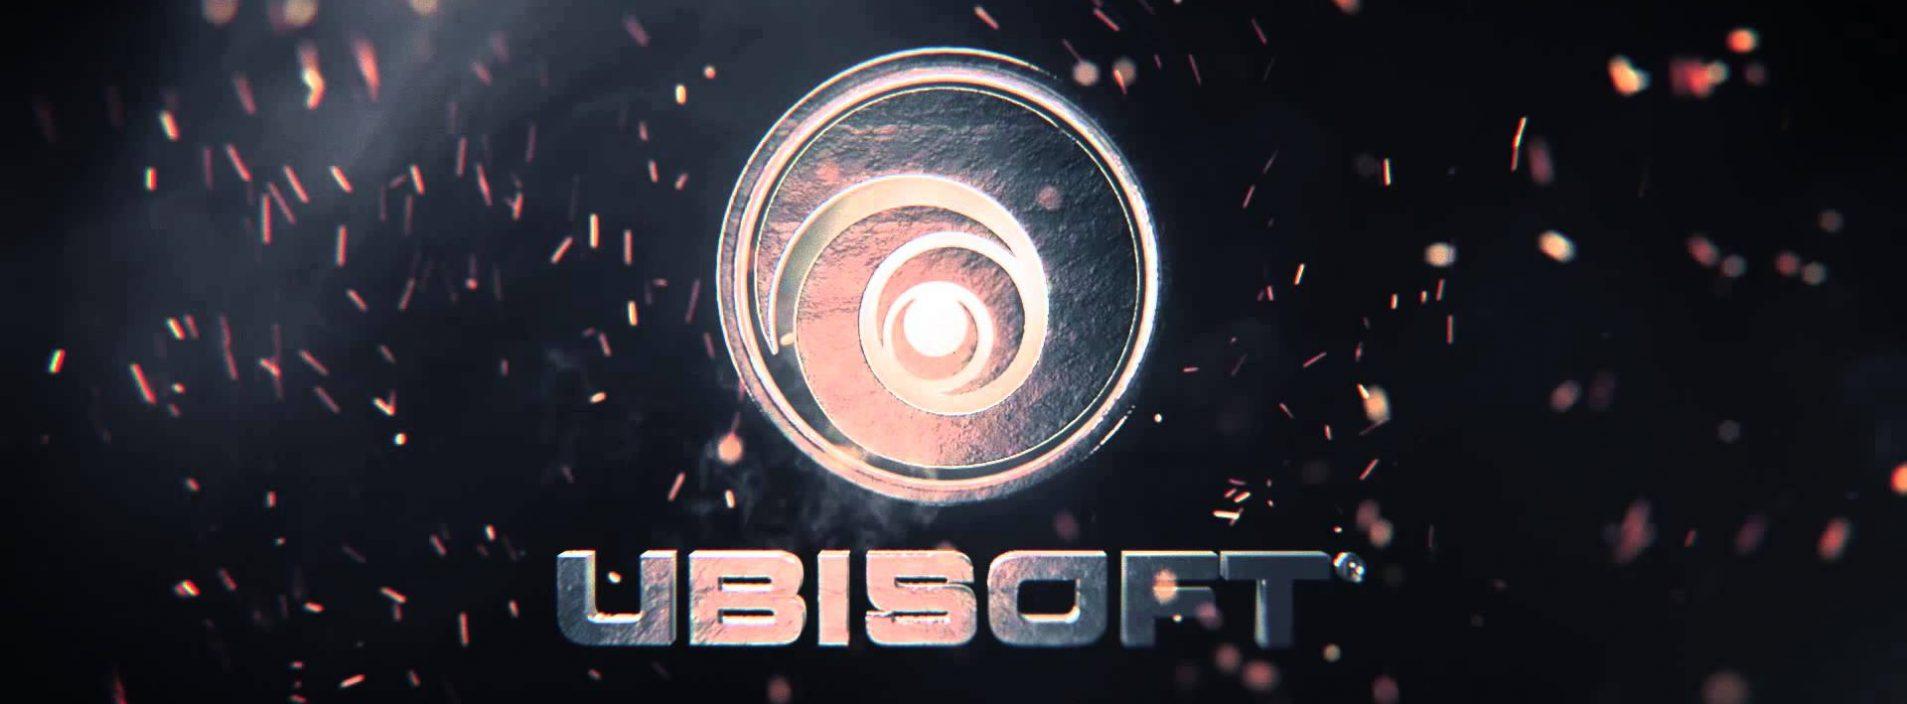 Ubisoft está criando jogos para o HoloLens